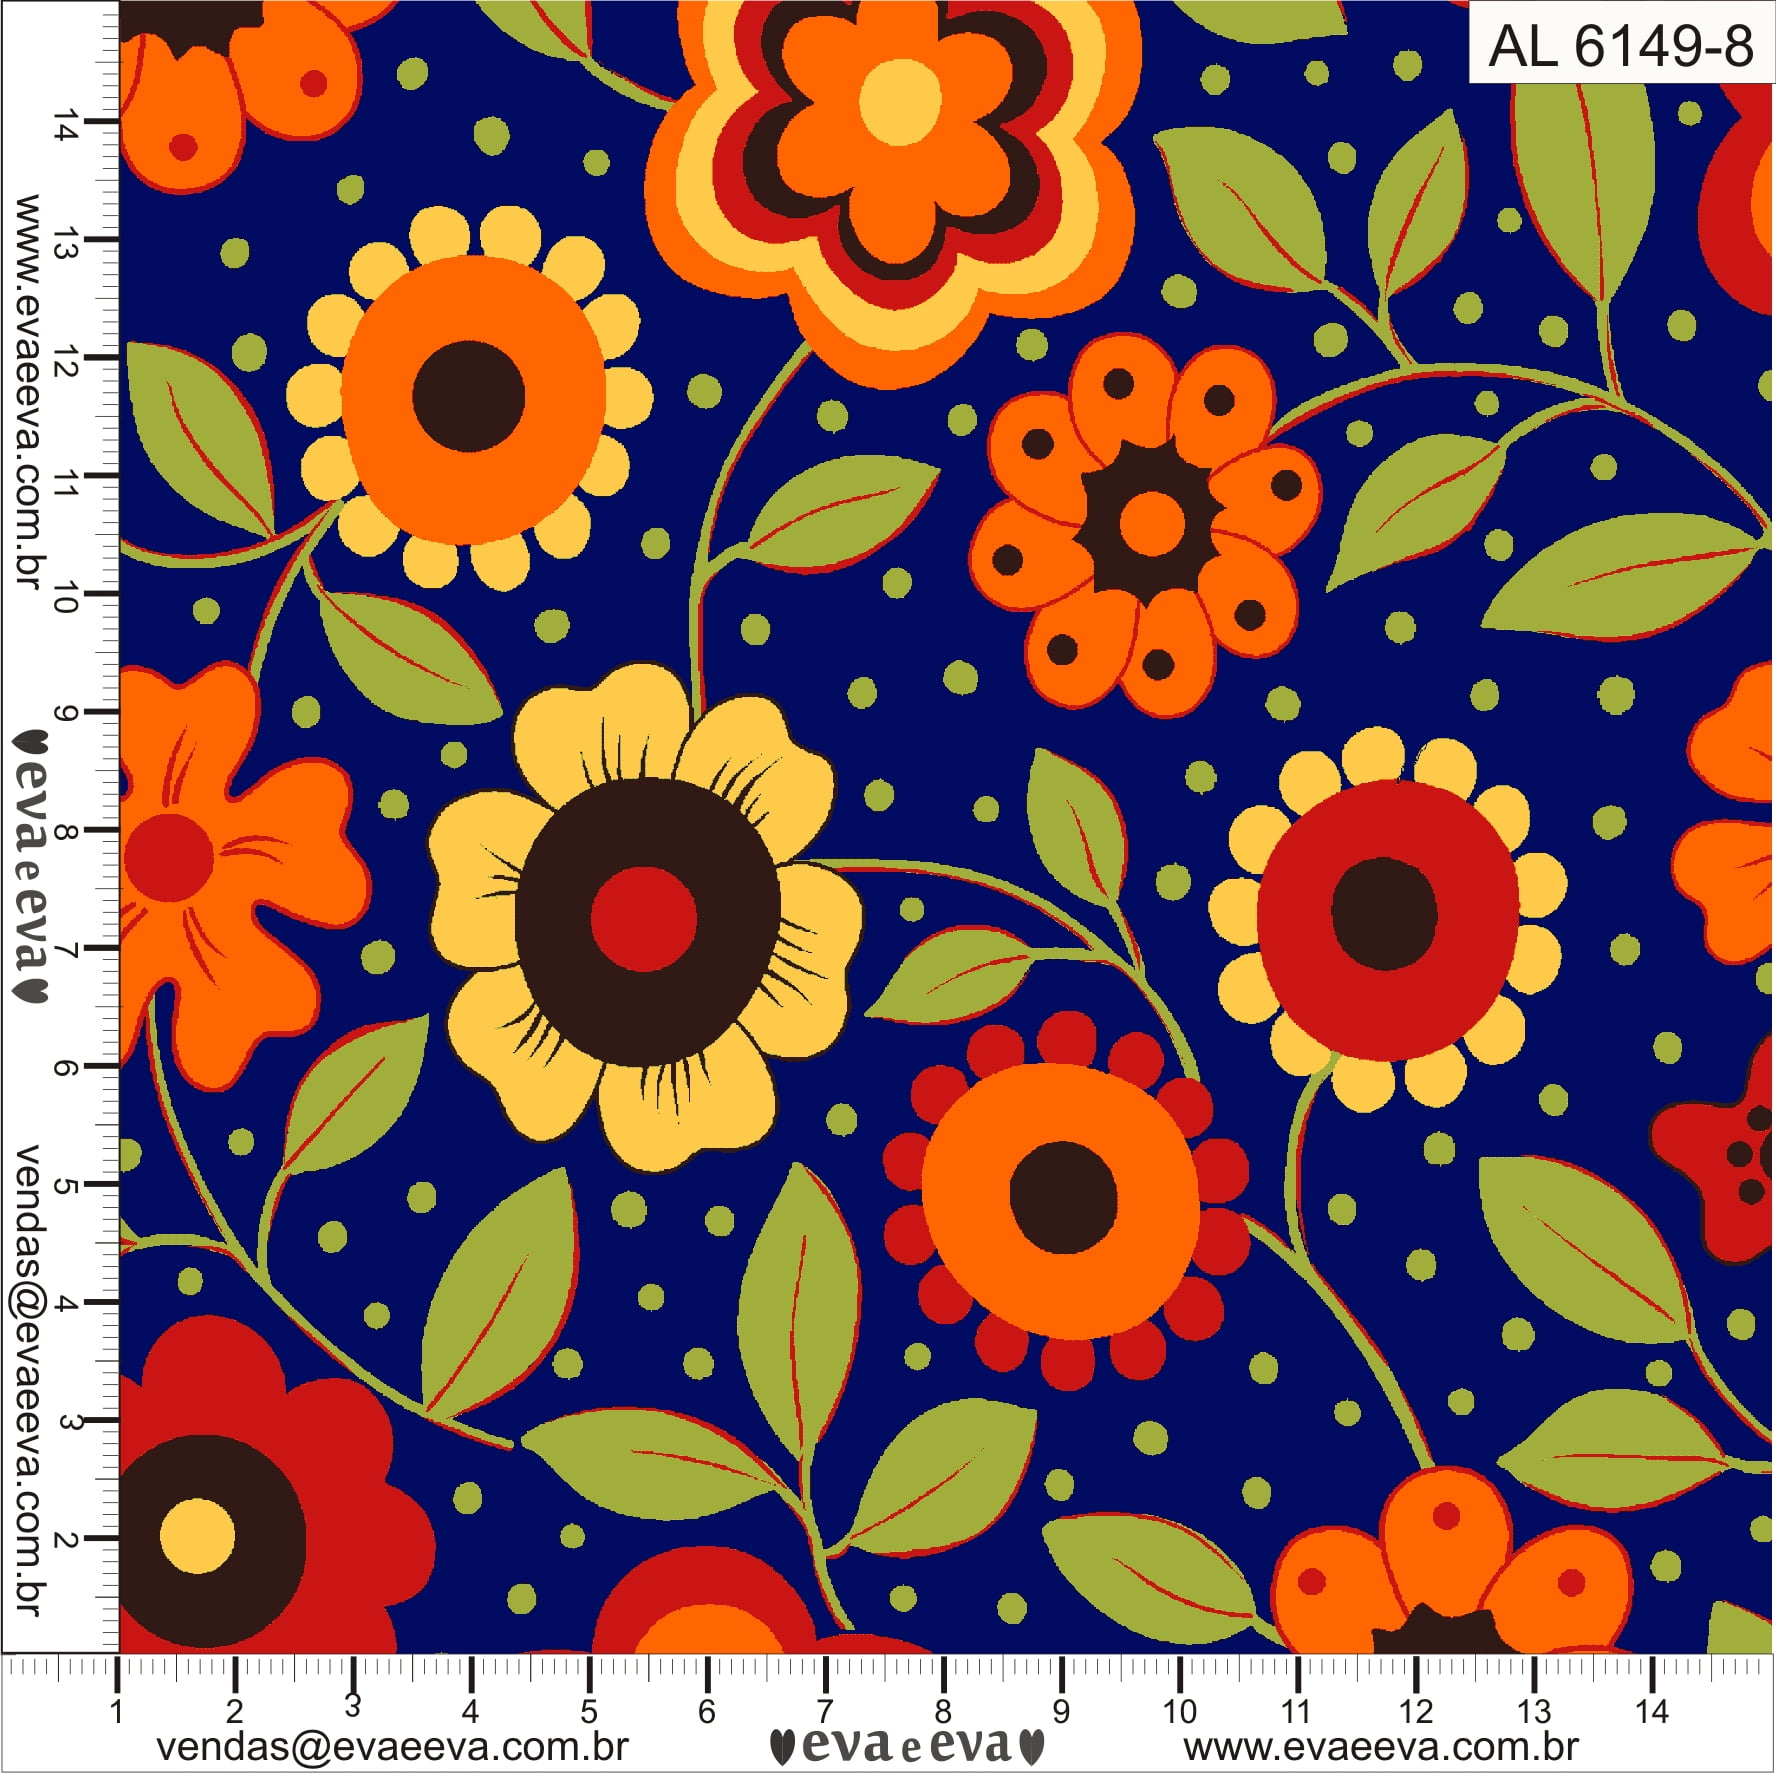 Tecido tricoline estampada da Eva e Eva - Coleção Alegria - AL6149-8